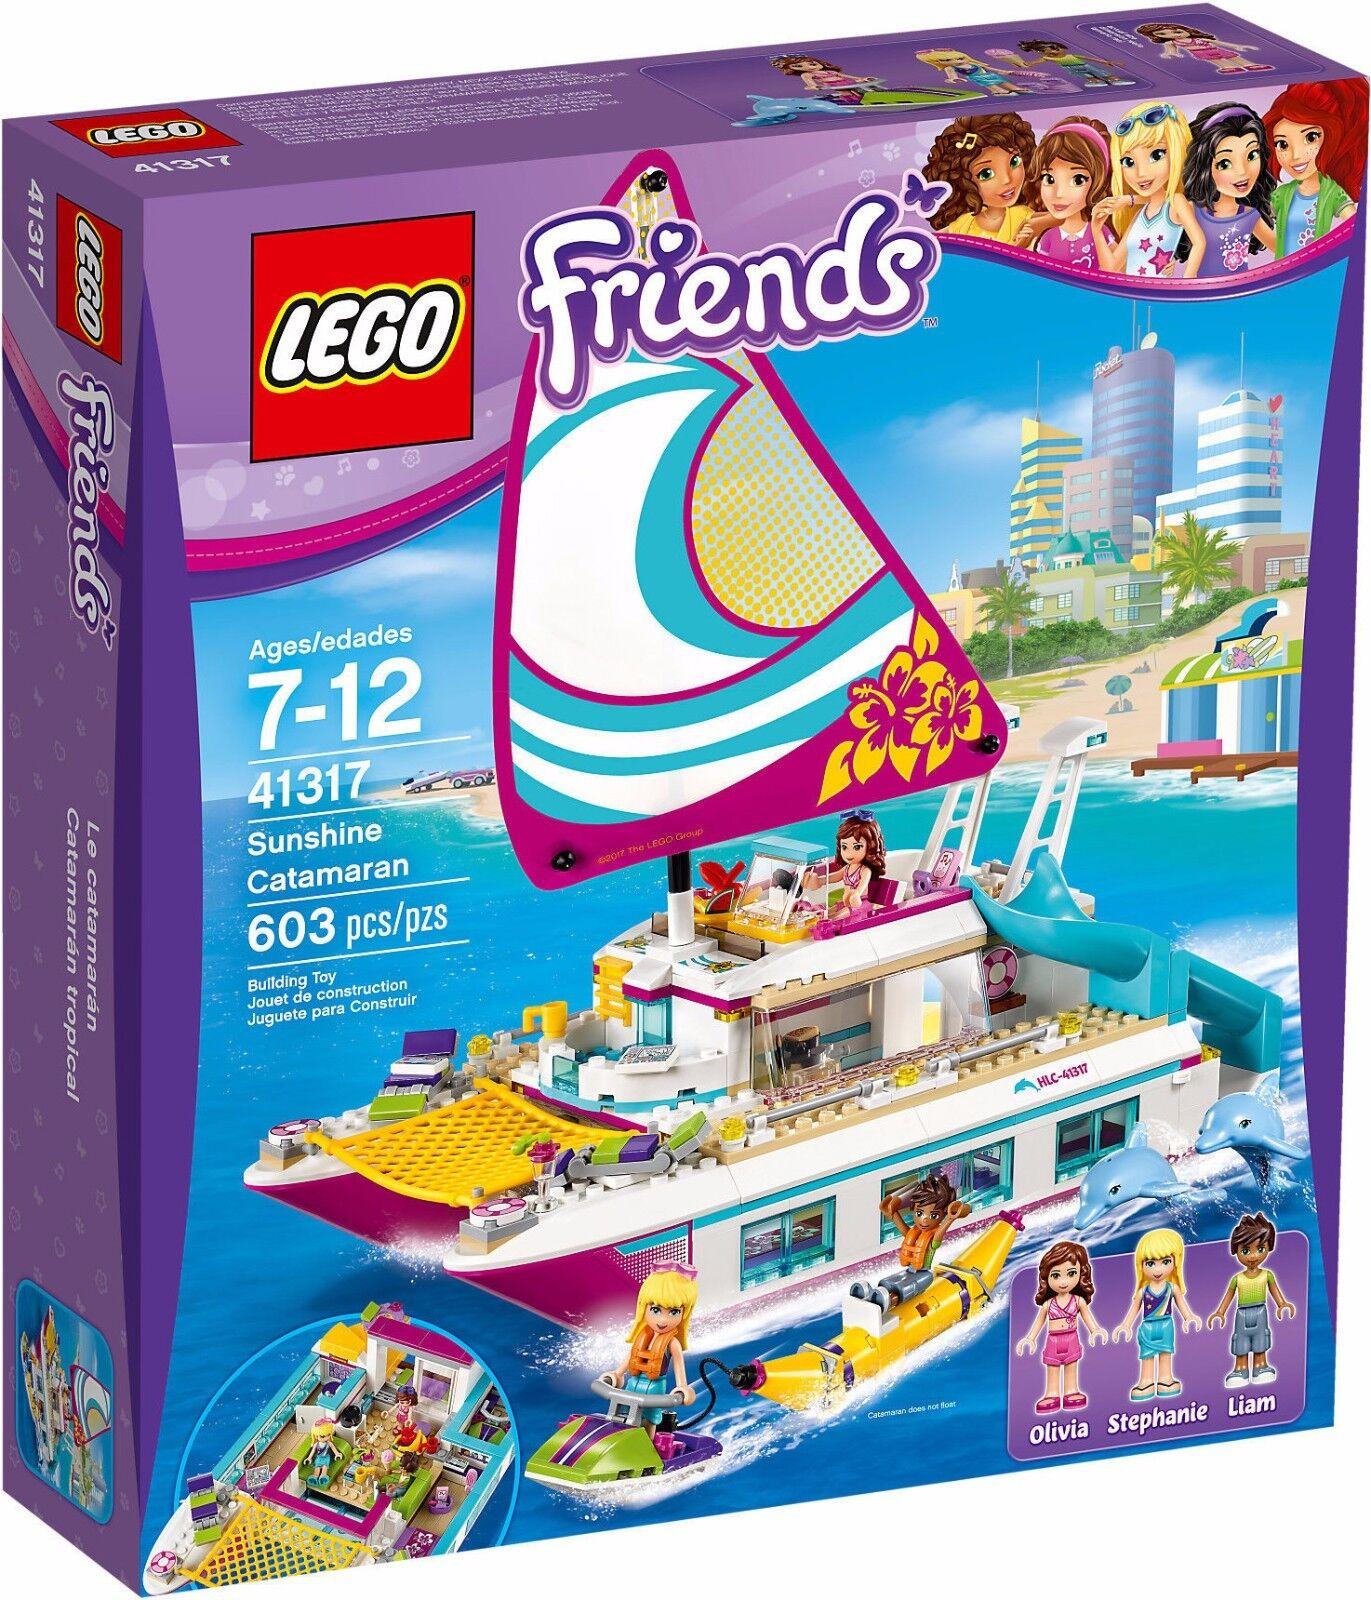 più ordine LEGO 41317 41317 41317 Friends Il Catamarano costruzioni mattoncini originali  prezzo all'ingrosso